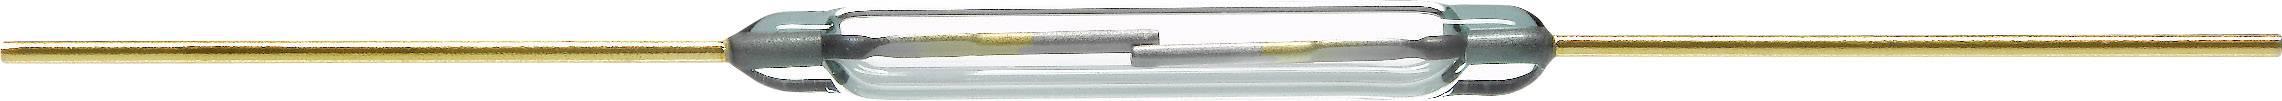 Jazýčkový kontakt PIC PMC-2021, 200 V/DC, 250 V/AC, 50 W, 1,5 A